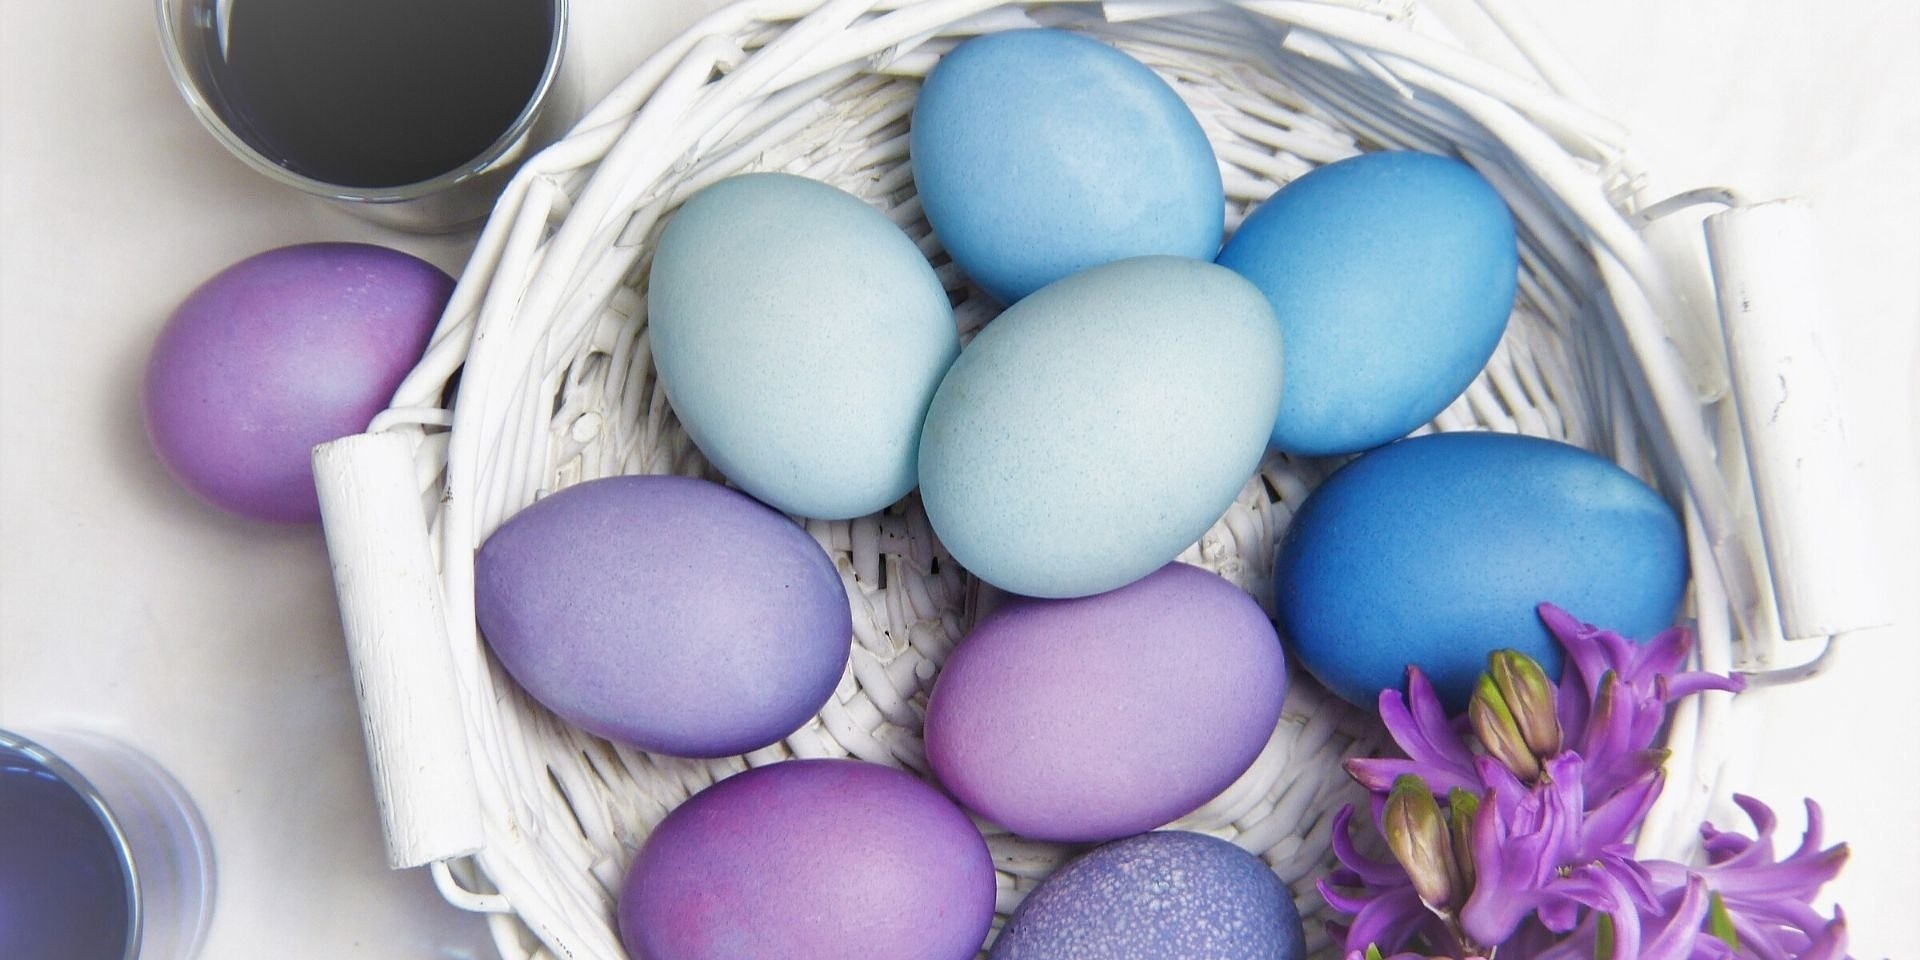 Ekspert WSB: Powrót do życia, przezwyciężenie czasu lęku - Wielkanoc